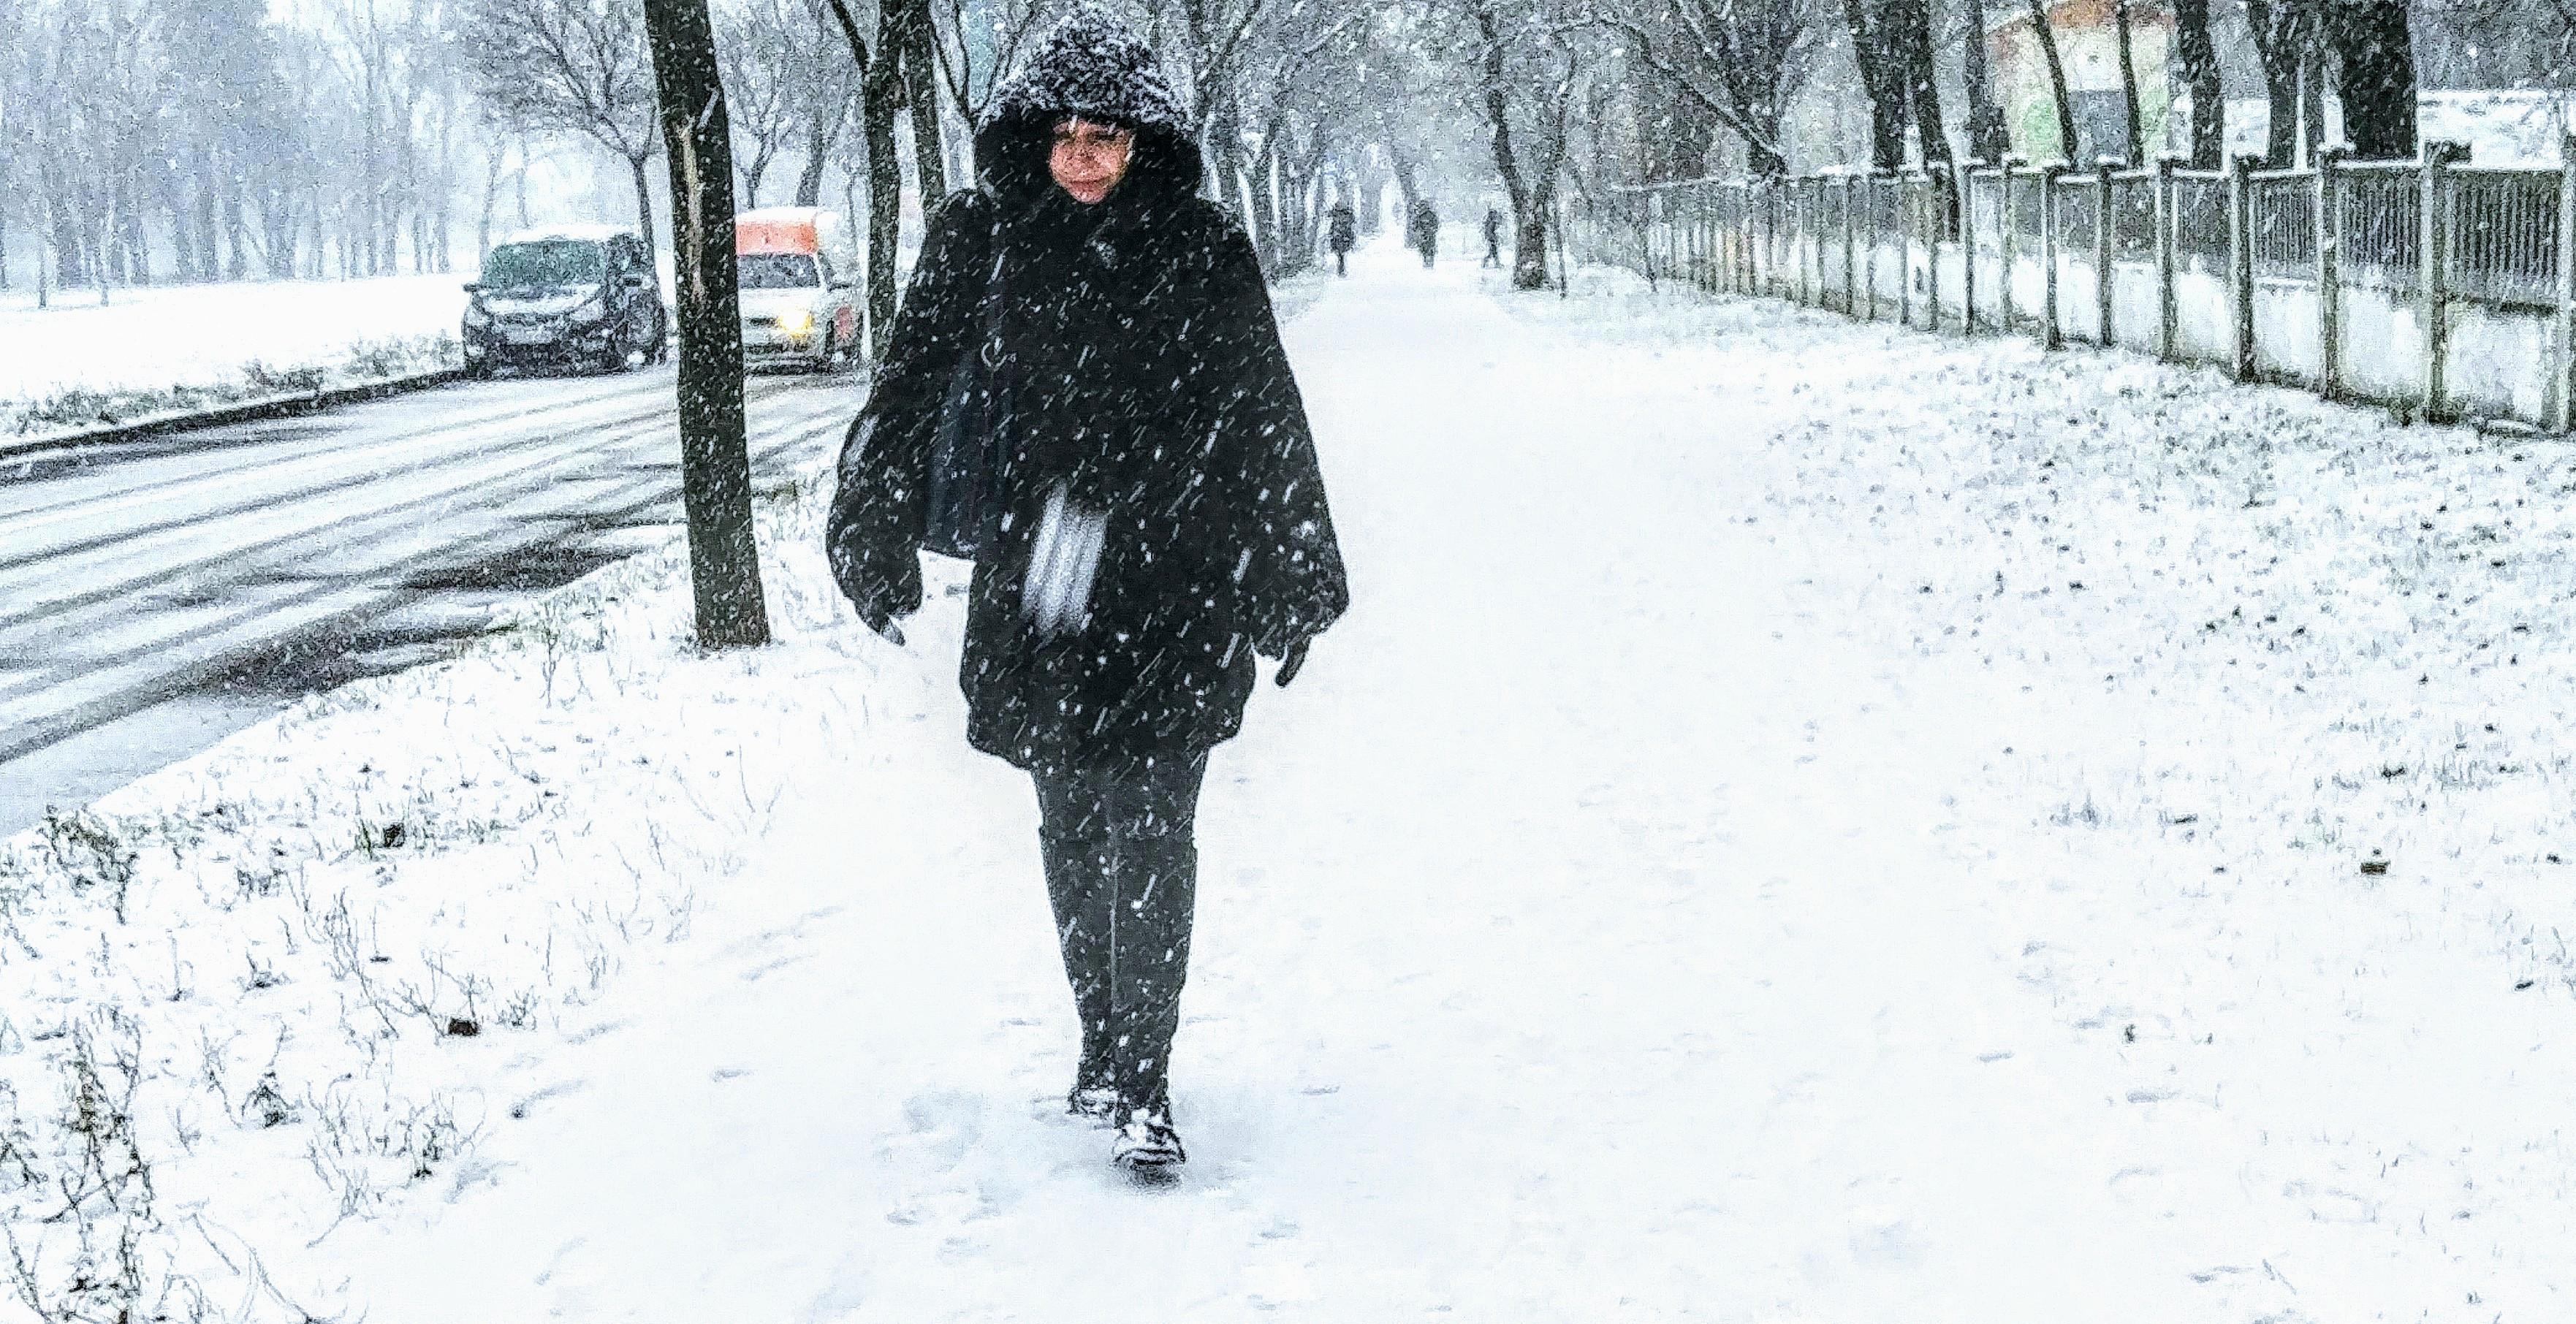 Оттепель и морозы до -23: синоптик дал прогноз погоды в Украине до конца января